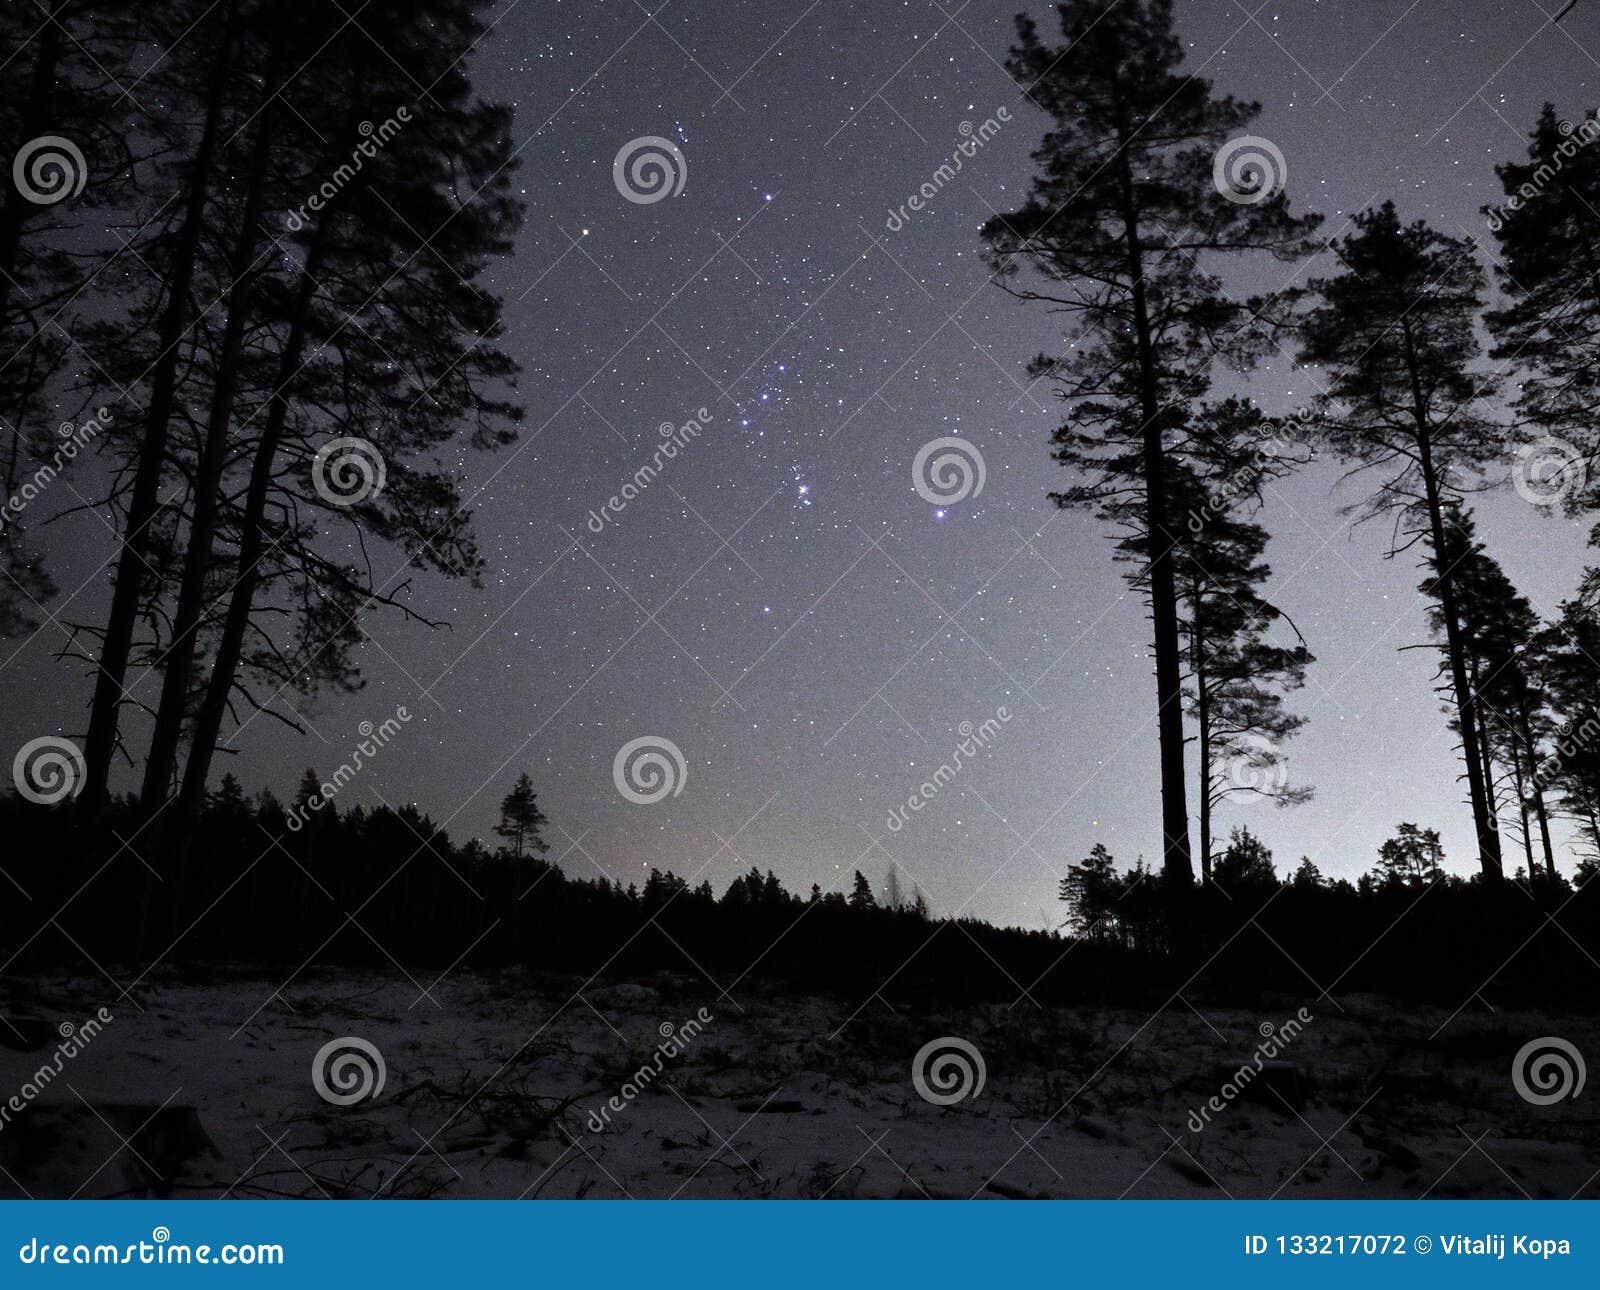 夜空担任主角在森林的猎户星座星座